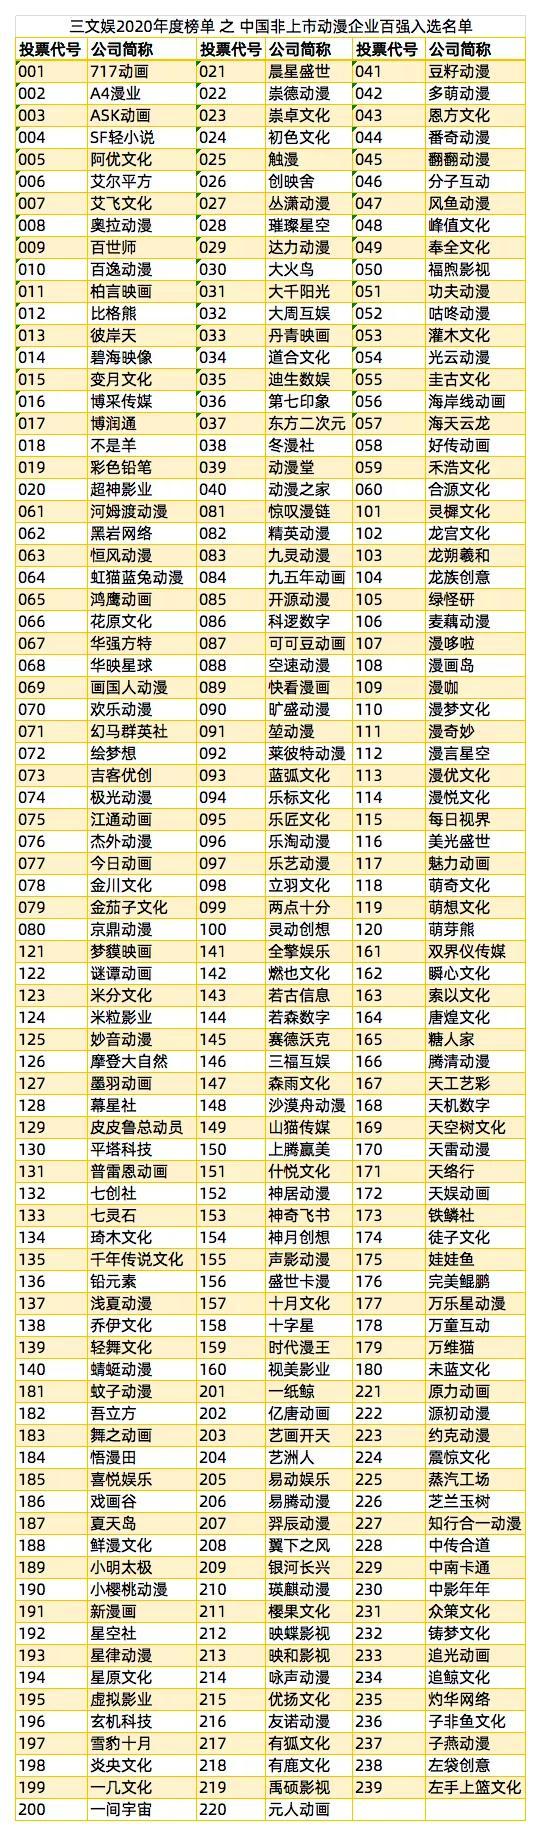 中国动漫非上市公司年度100强,投票开始